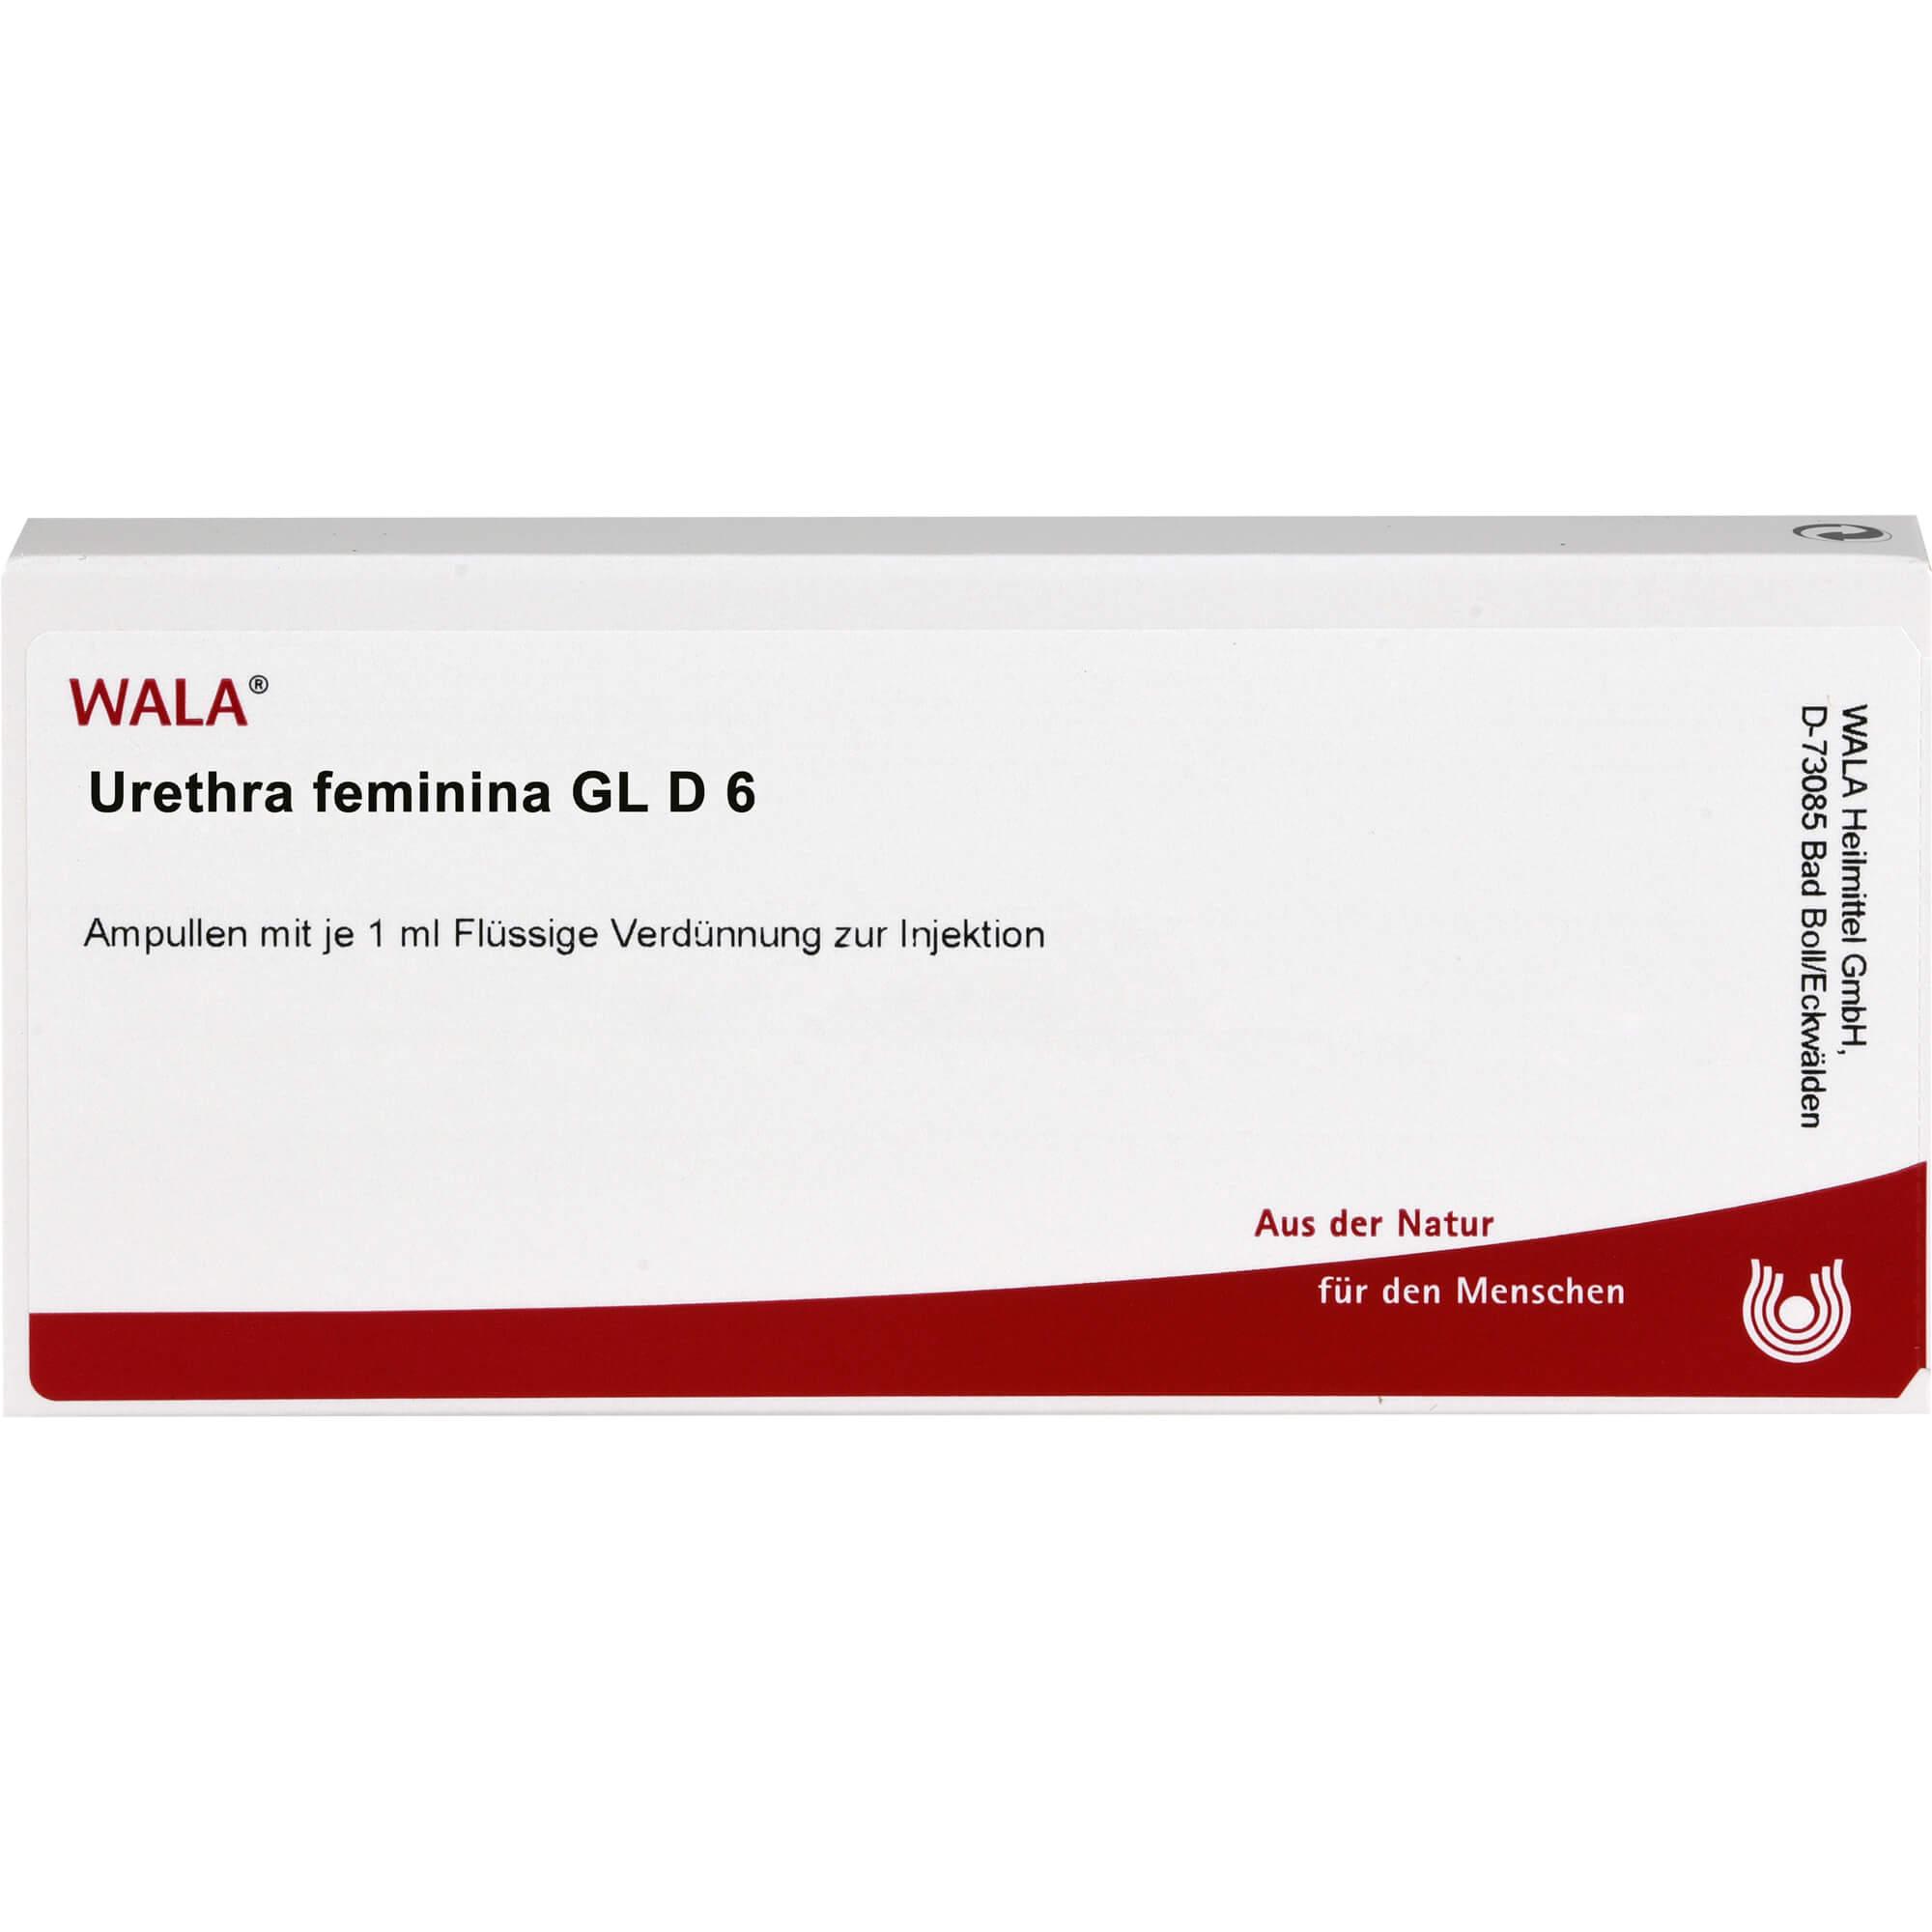 URETHRA feminina GL D 6 Ampullen